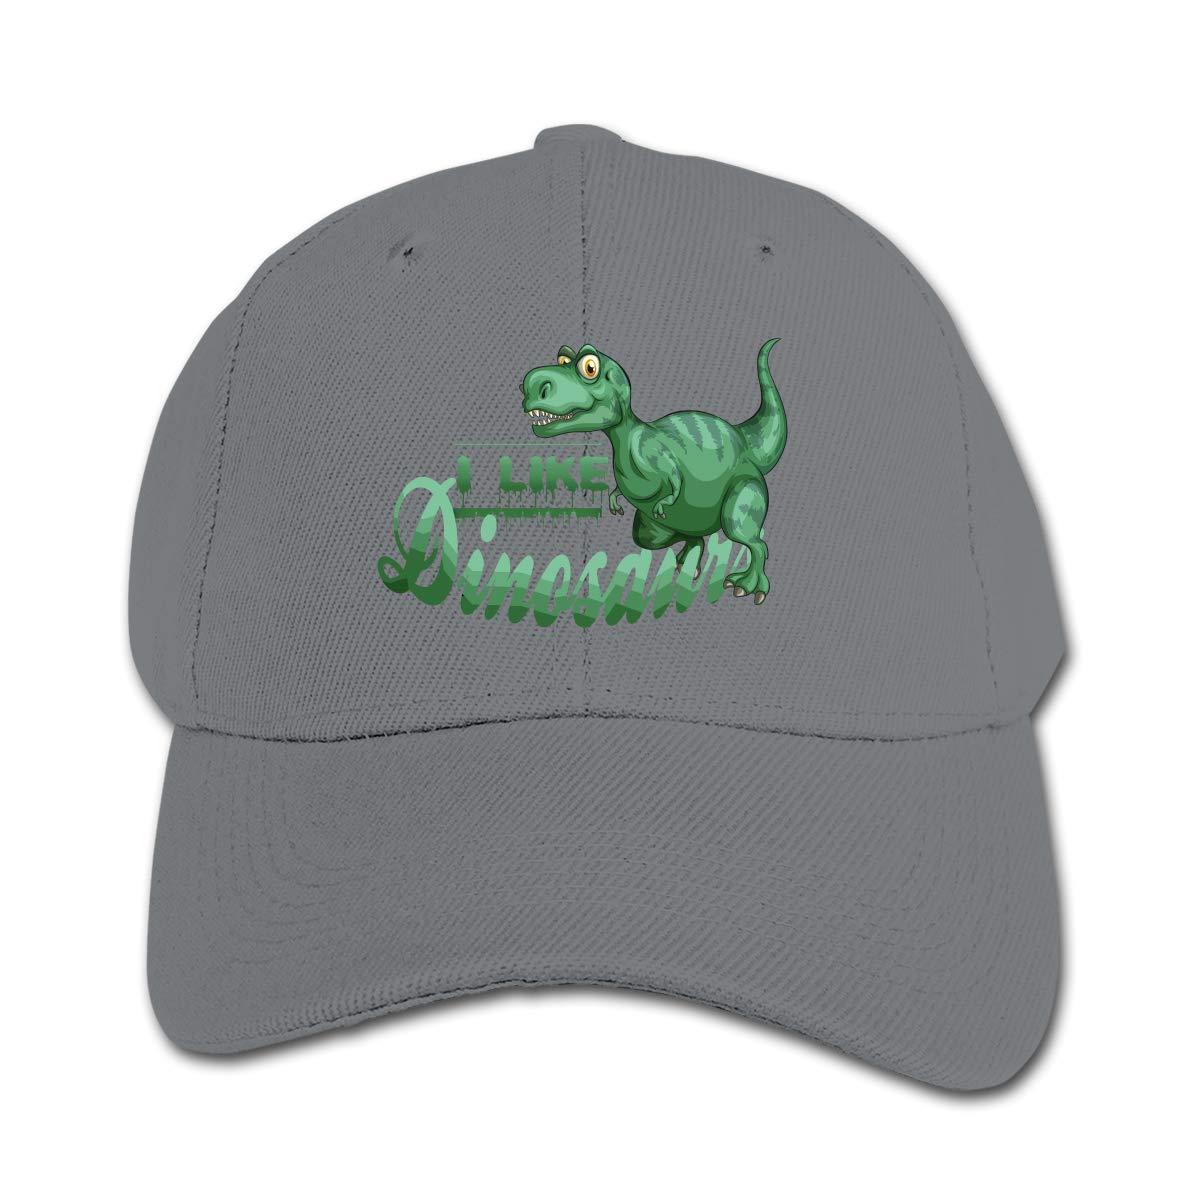 I Love Dinosaurs Trucker Cap Adjustable Baseball Hats Boy Girl